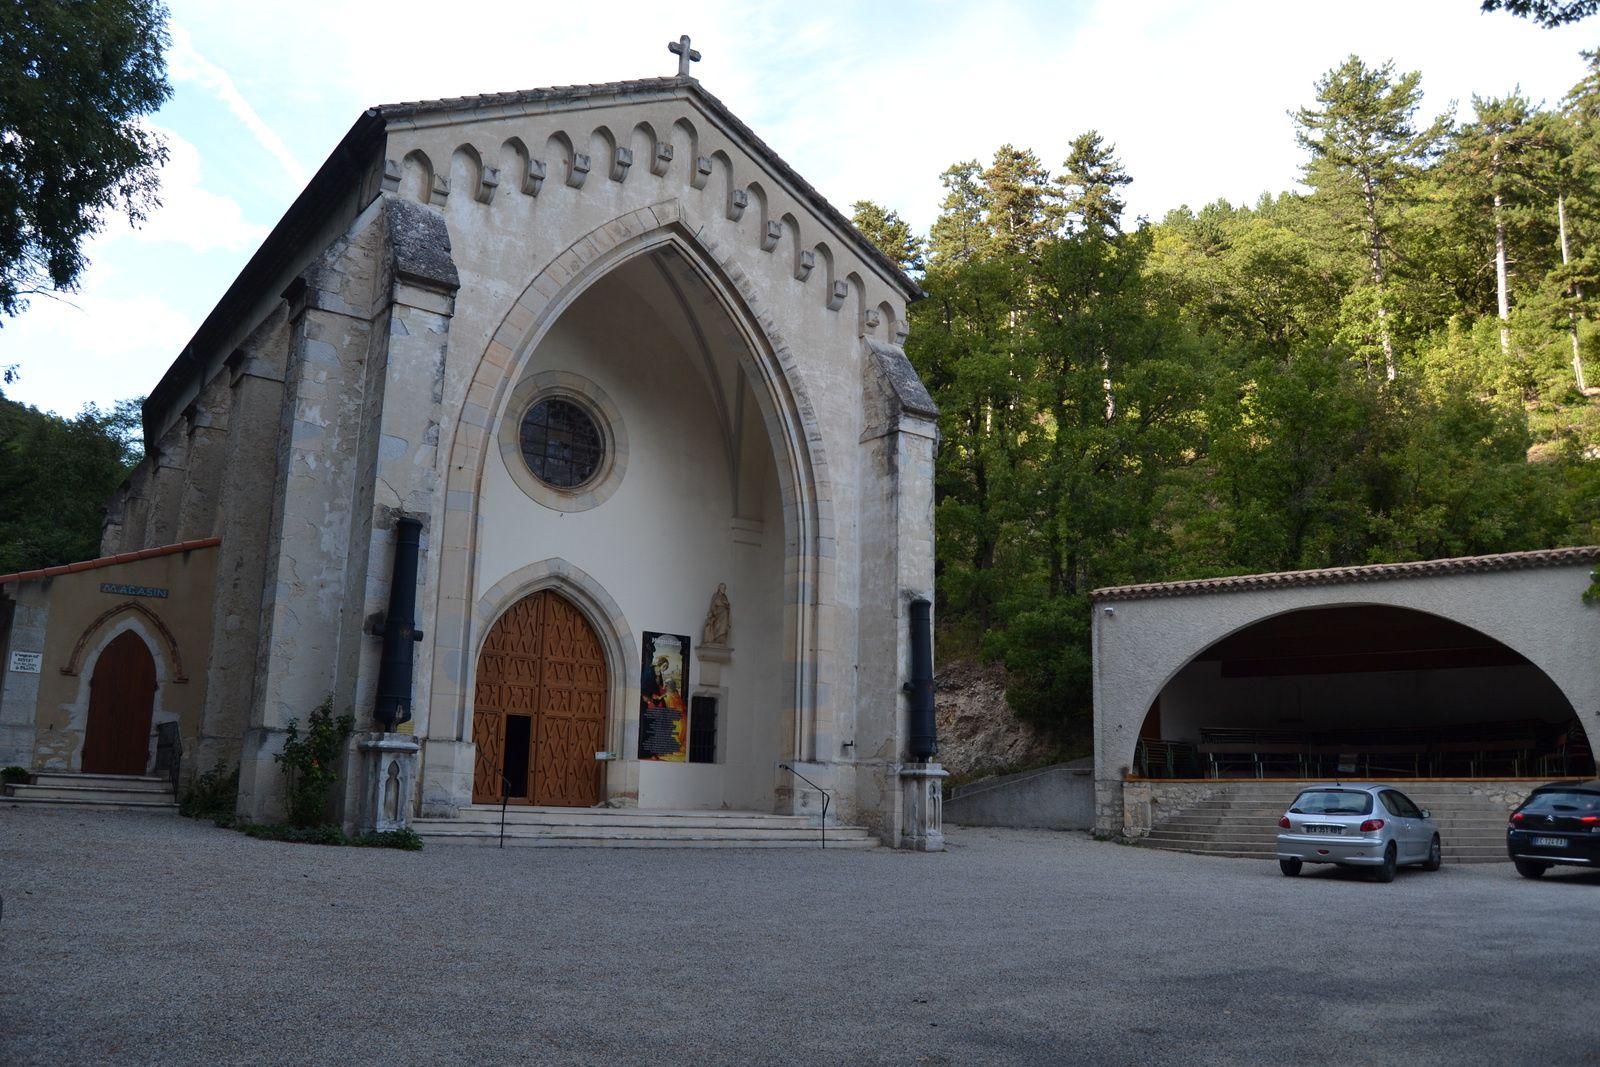 Le grand sanctuaire construit au milieu du XIXème siècle, il peut surprendre par son comité d'accueil: 2 canons!!!  Ils furent offert en mémorial du 8 septembre 1855: la victoire de Malakoff a coïncidée avec le couronnement de ND de Fresneau.